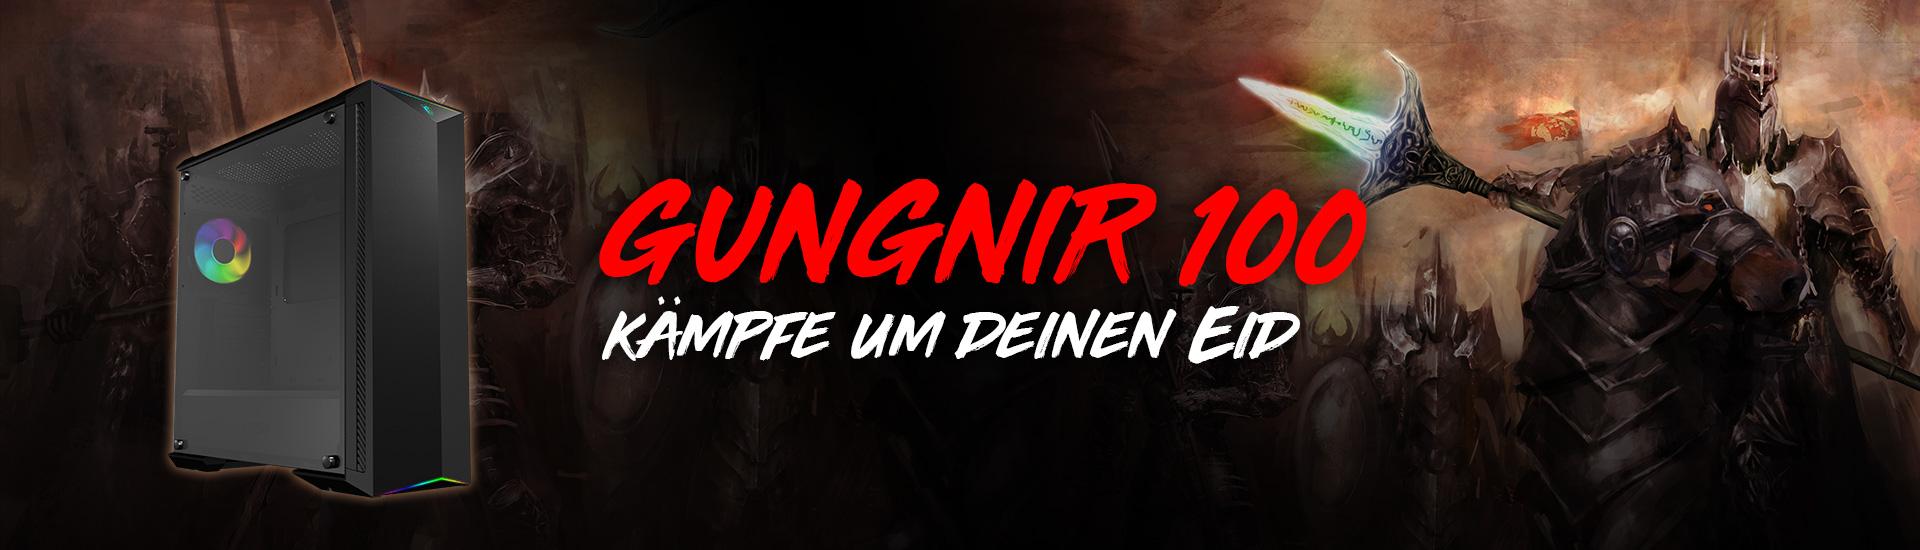 MPG GUNGNIR 100